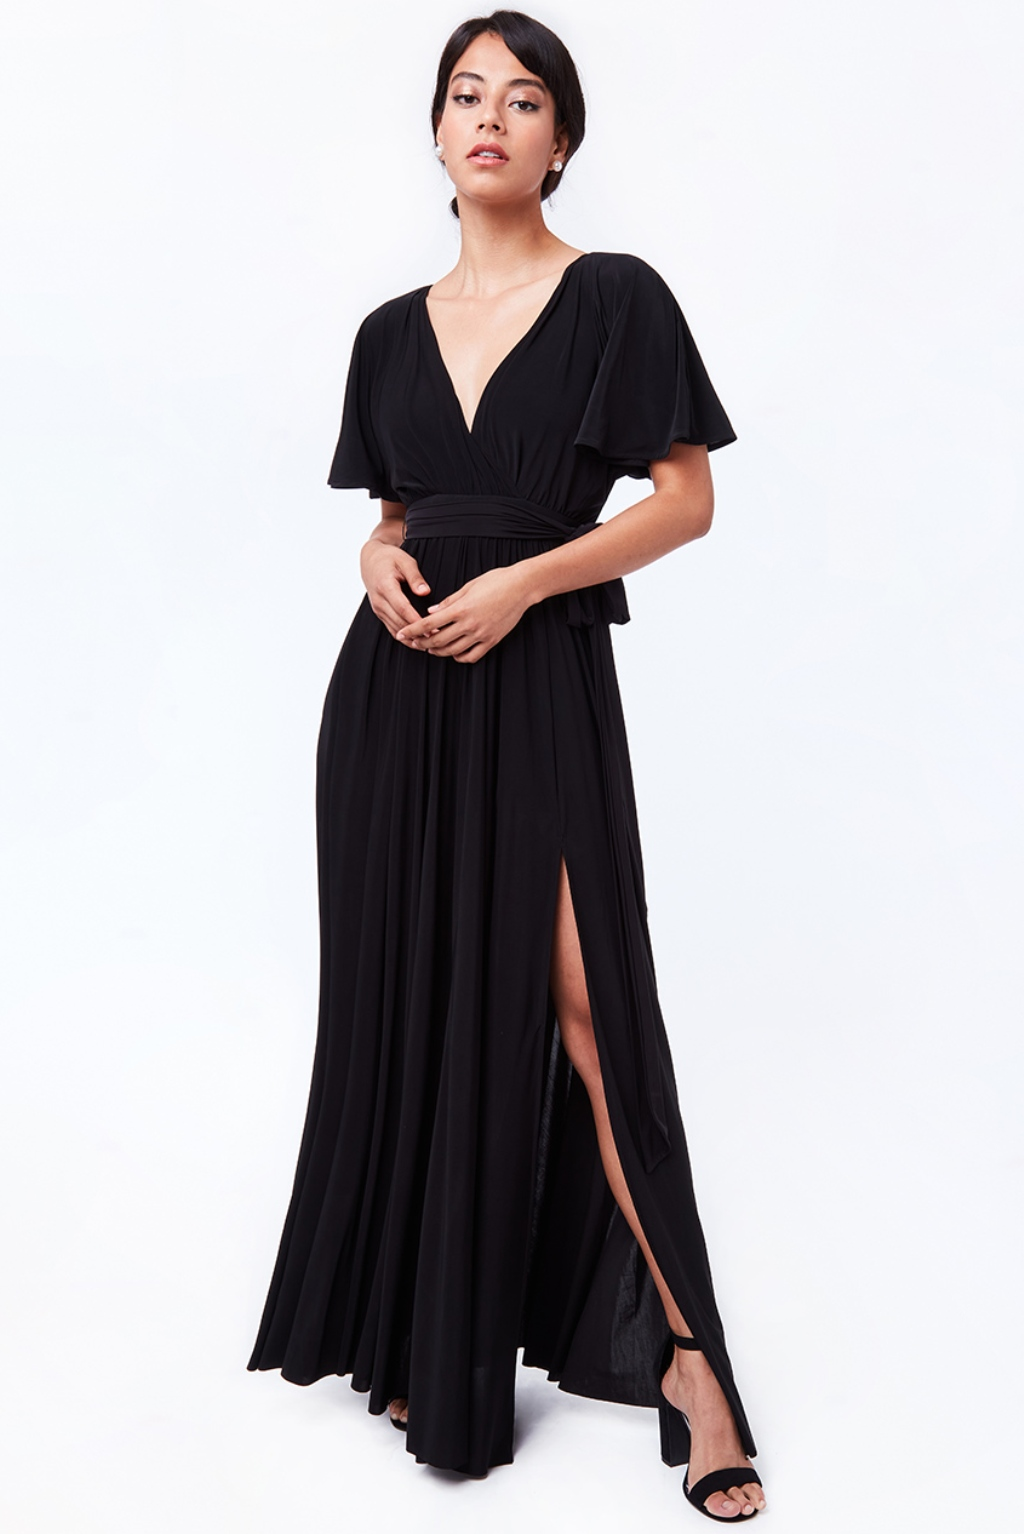 Čierne dlhé spoločenské šaty s voľnými rukávmi Veľkosť: L